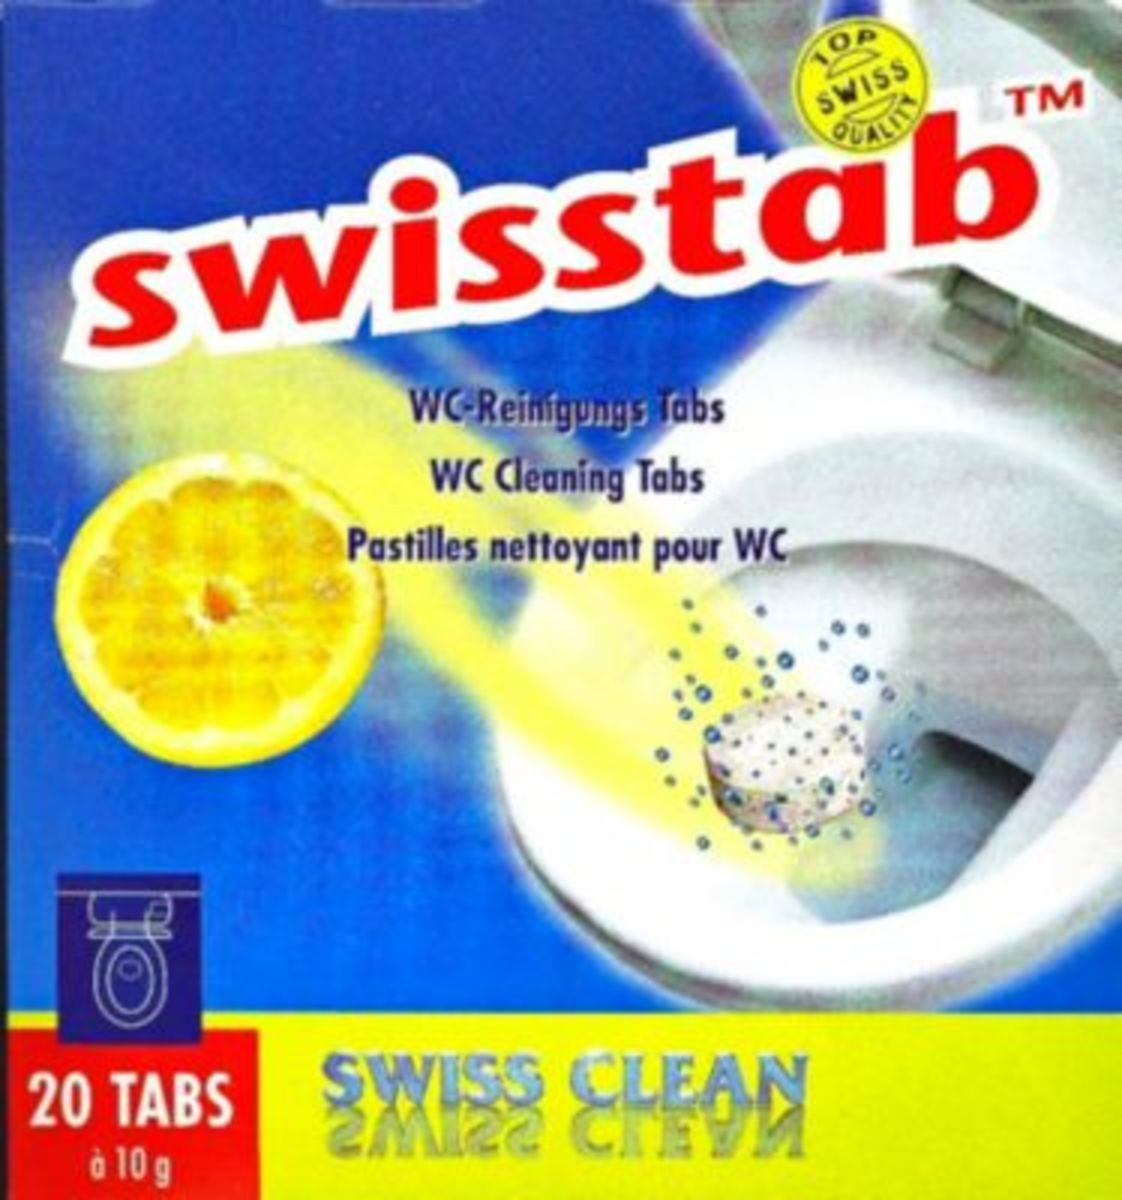 Bild 2 von Swisstabs, WC-Tabs, 20 Stk.